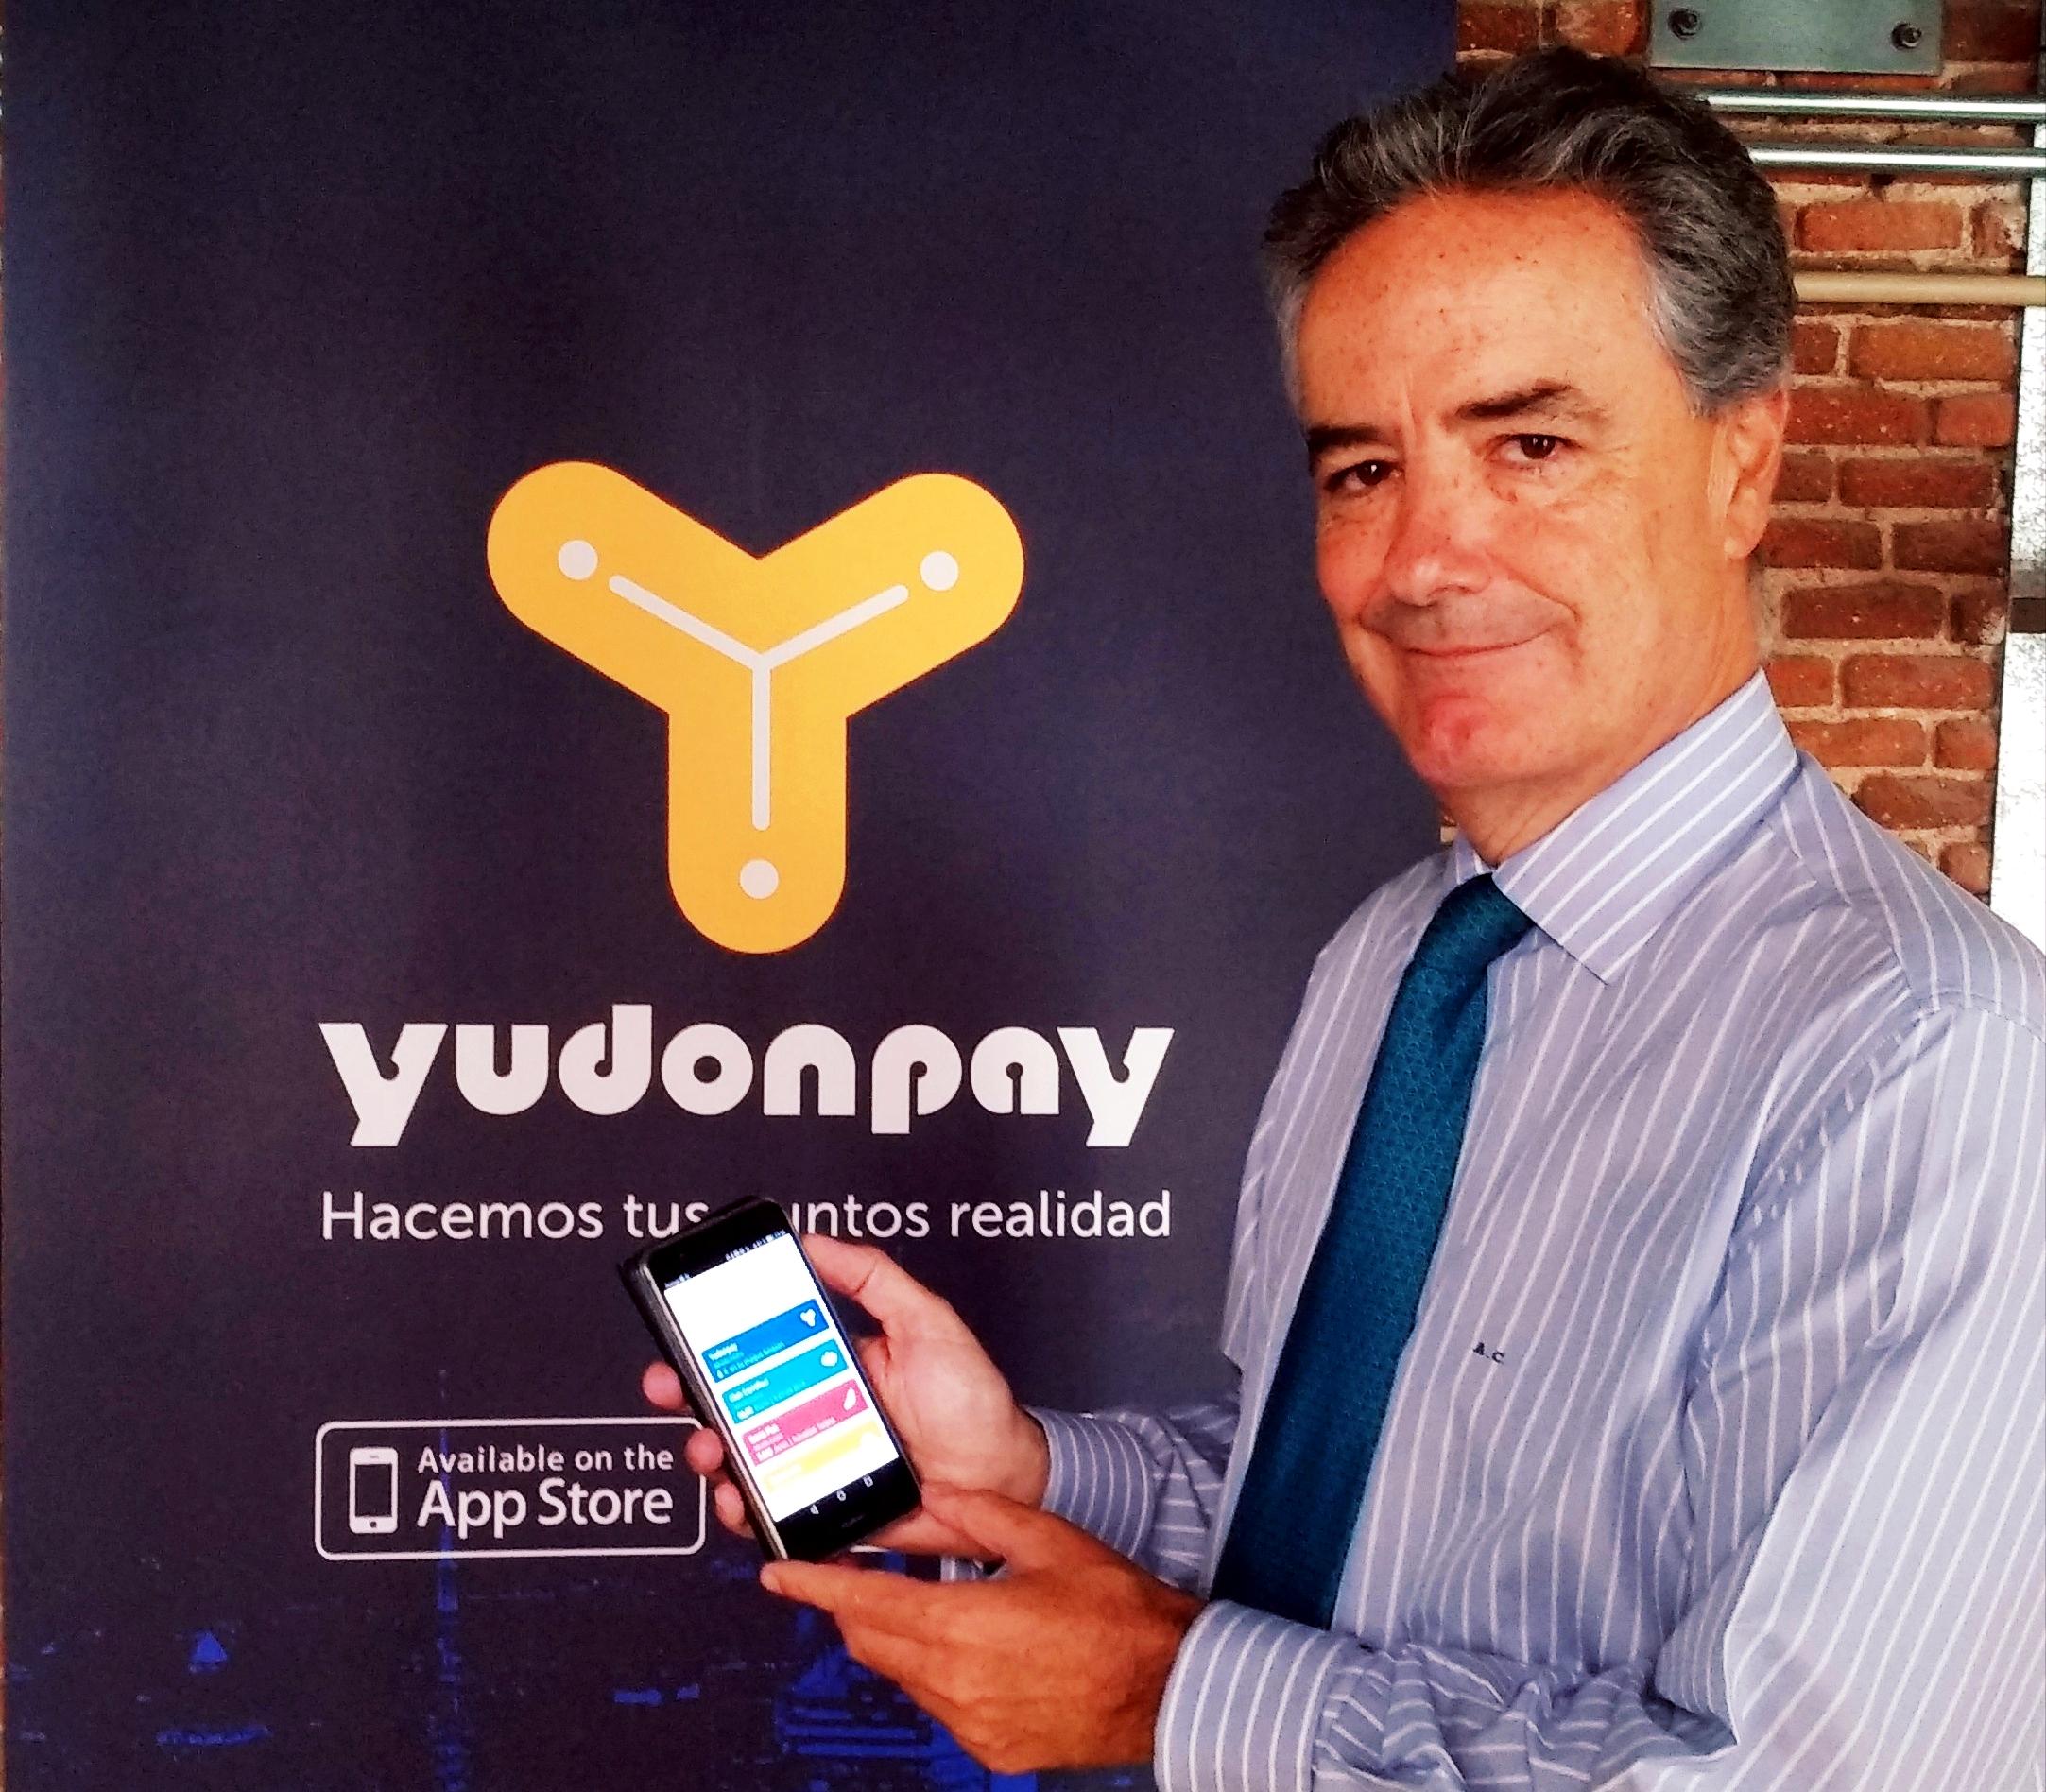 """Yudonpay: """"Queremos convertirnos en un markeplace de puntos de fidelización"""""""